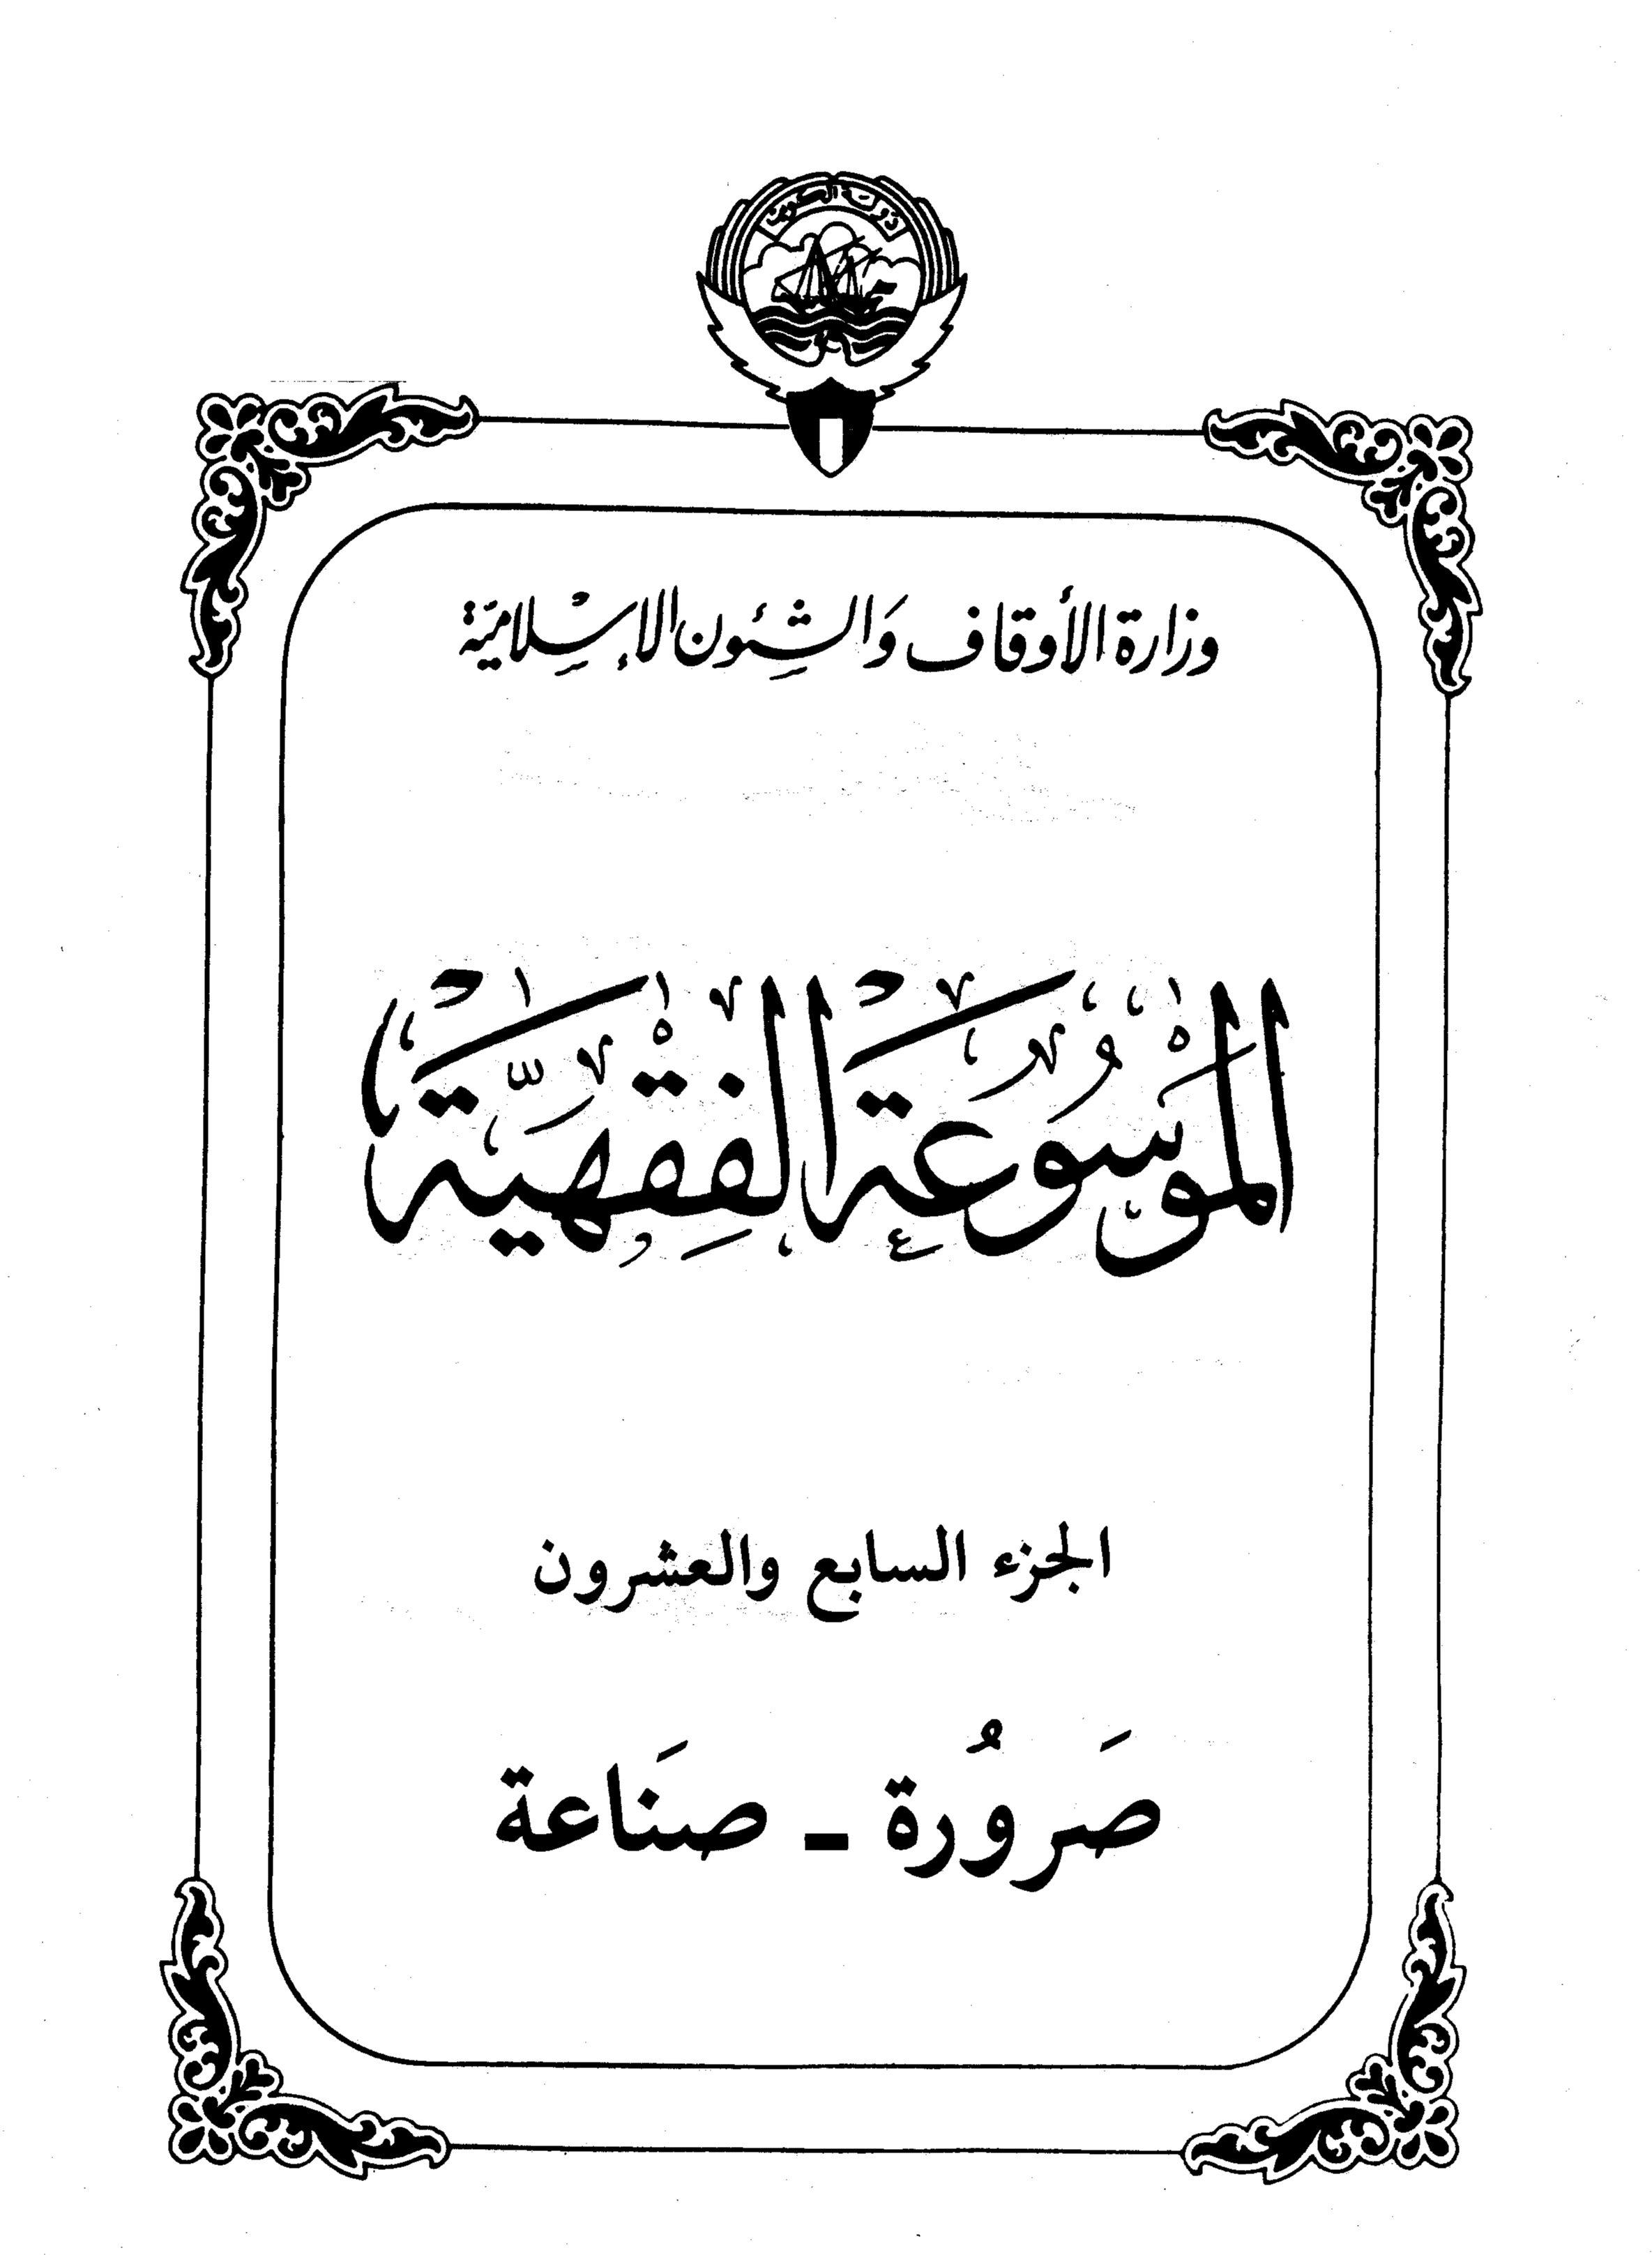 الموسوعة الفقهية الكويتية- الجزء السابع والعشرون (صرورة - صناعة)